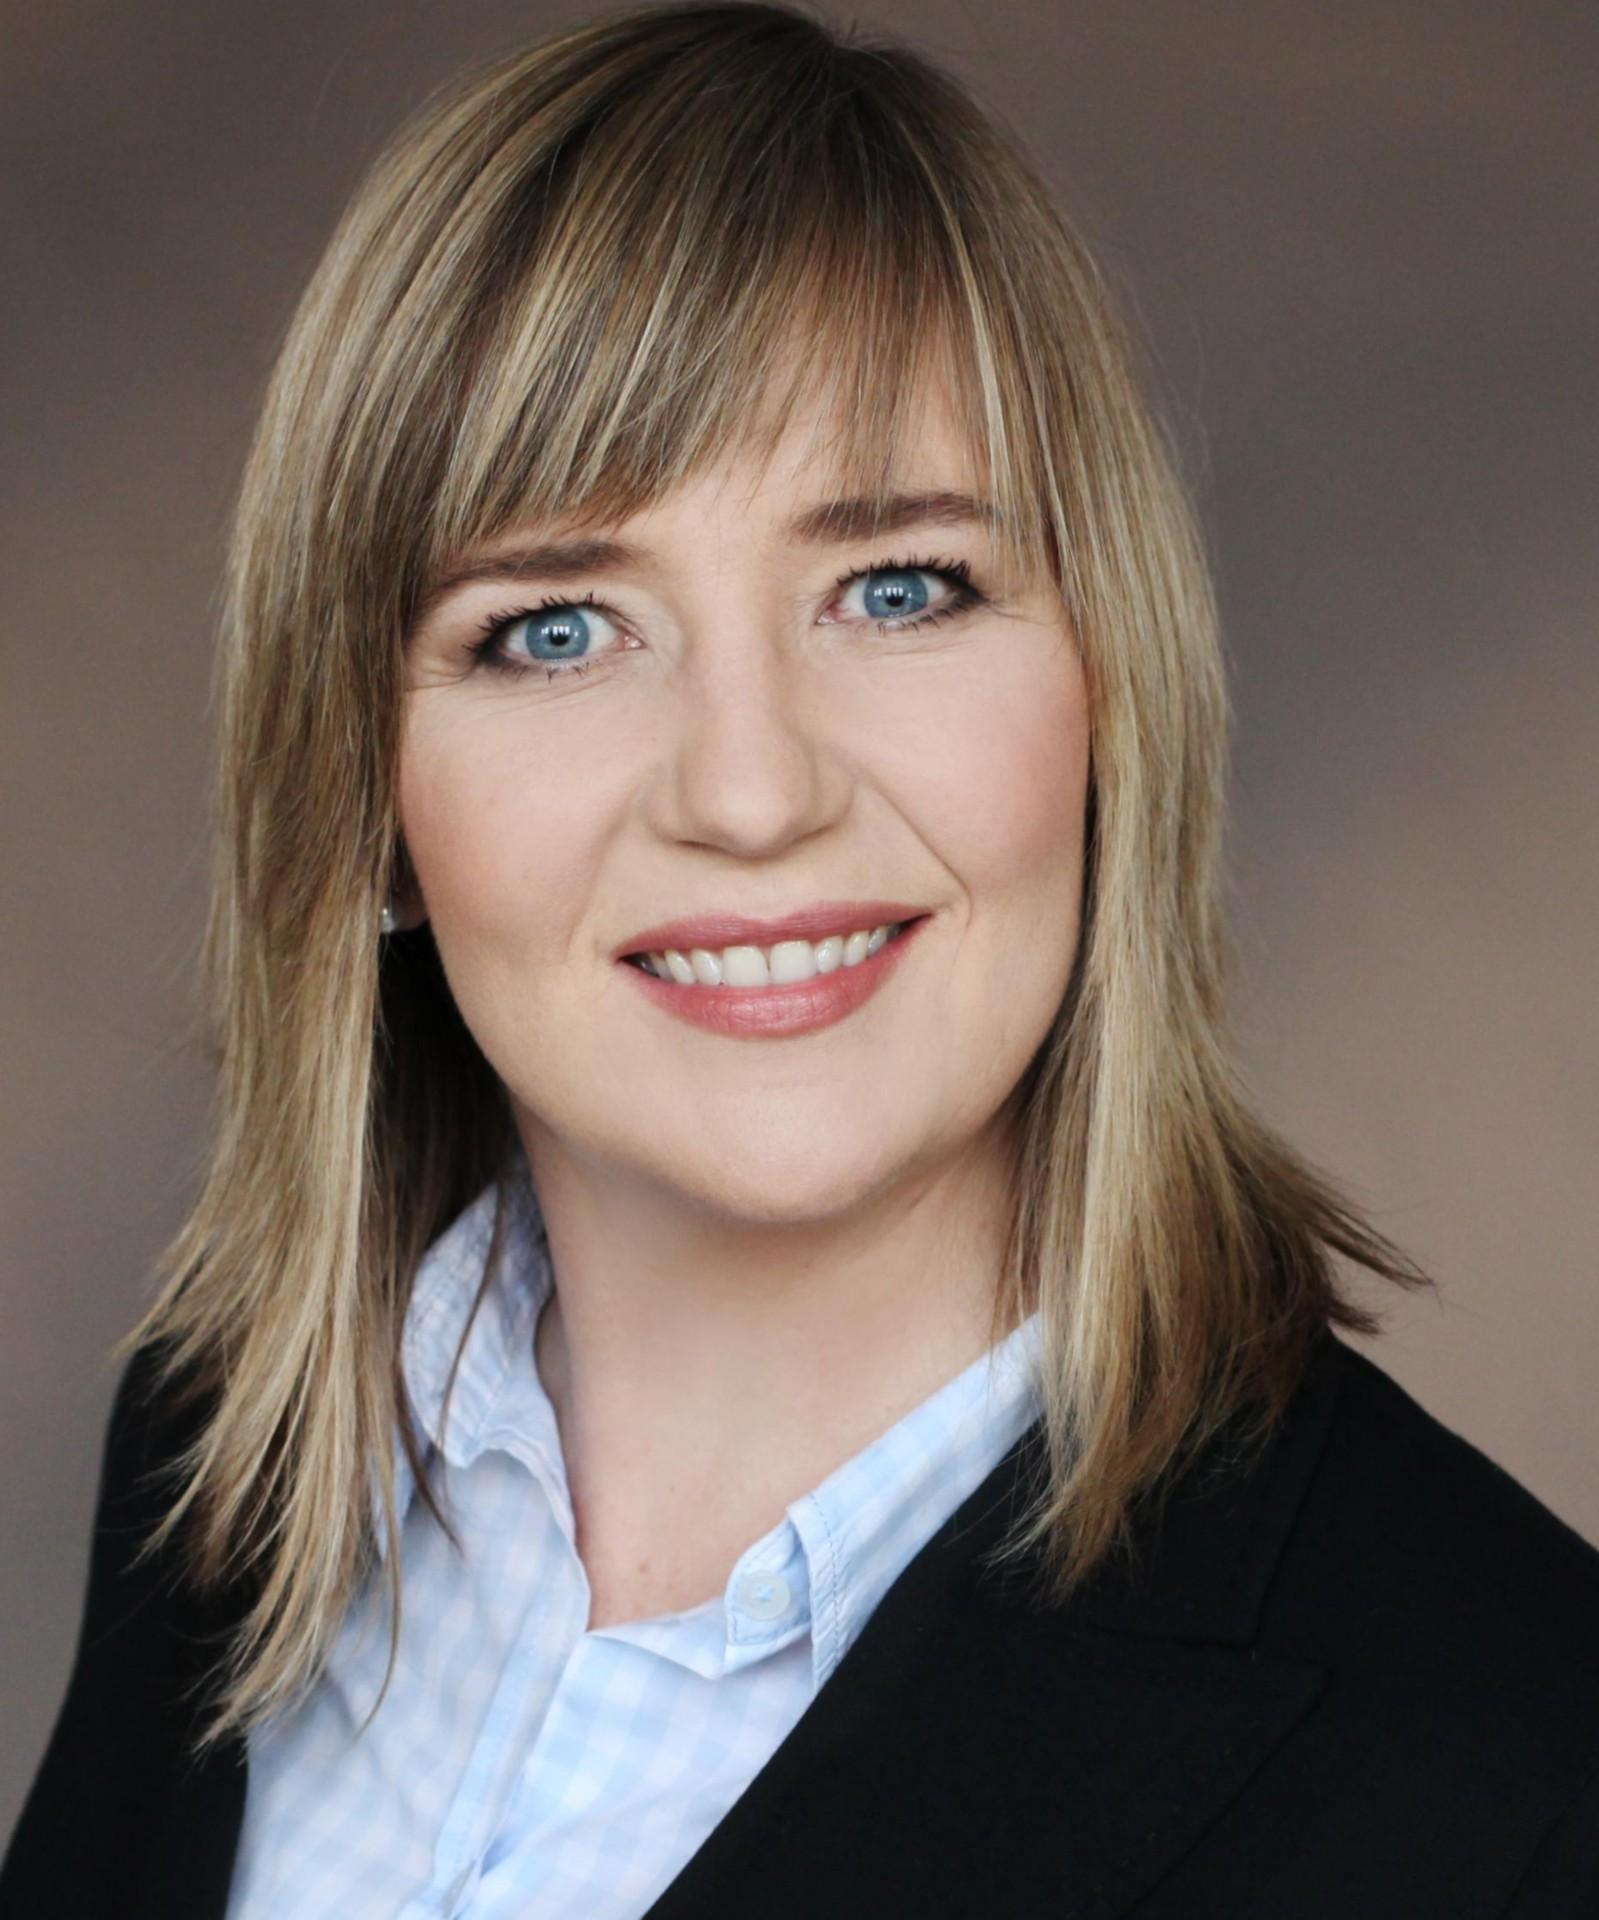 EY Senior Managerin Lone Hermann-Jacobsen spricht über Zweifel an den eigenen Fähigkeiten.